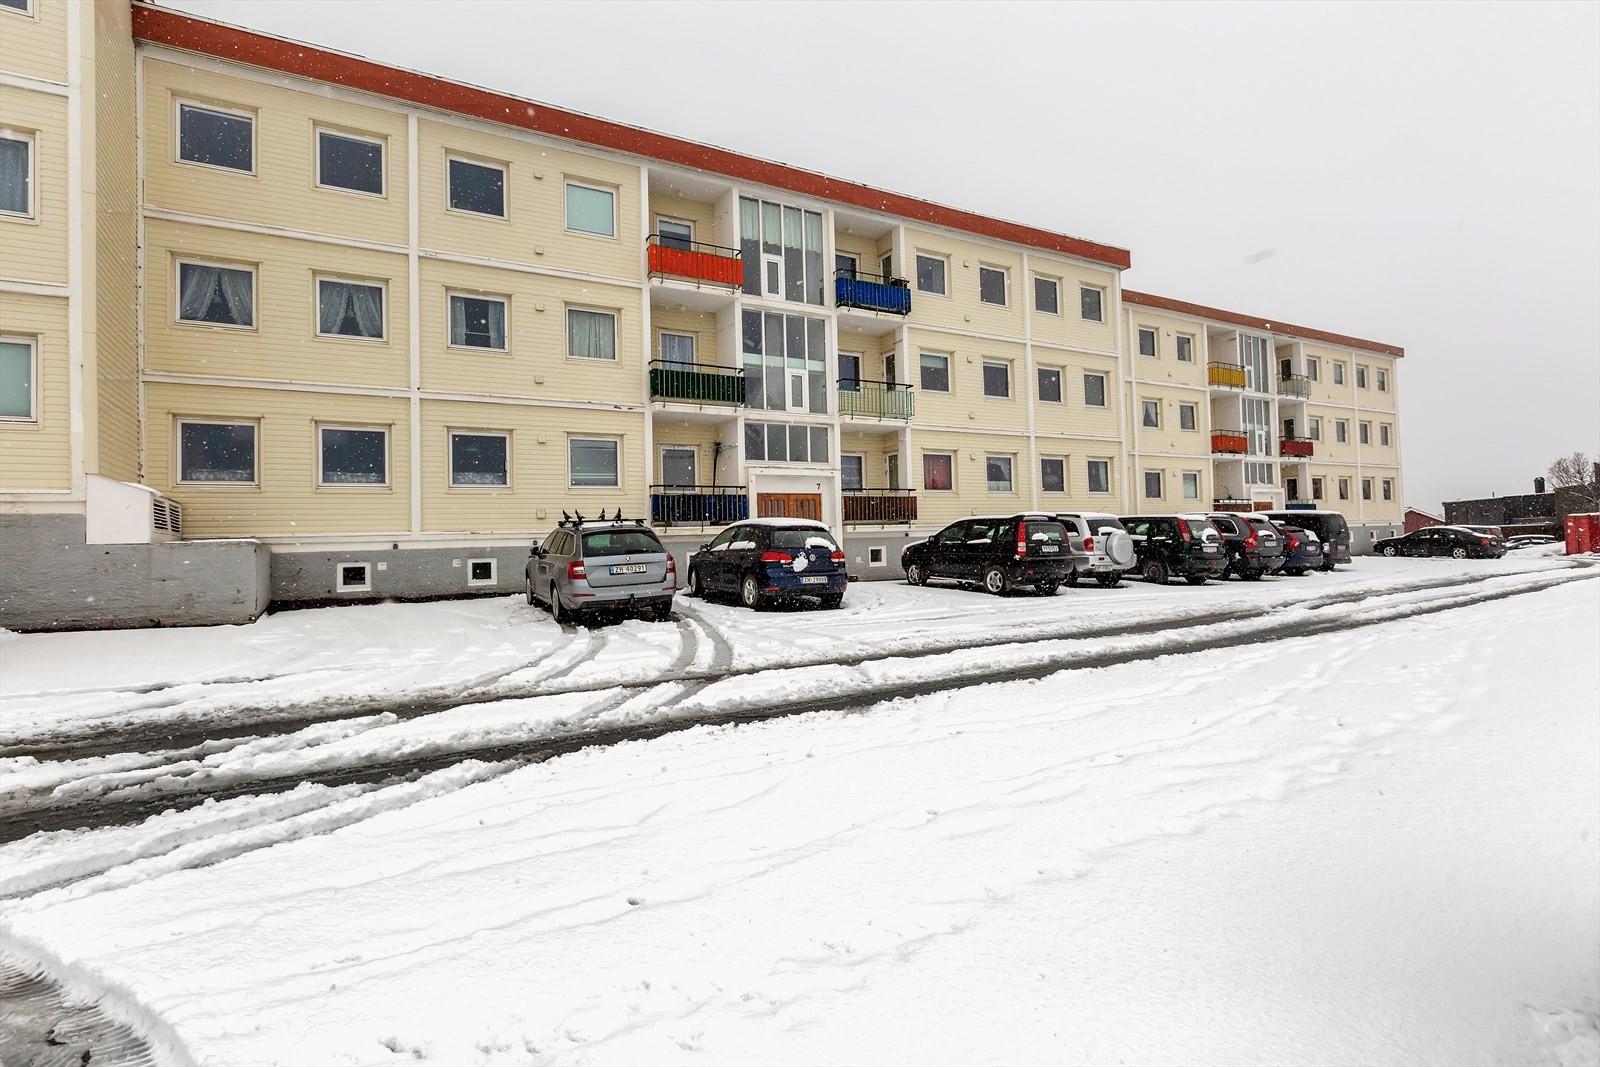 Inngangssiden - leiligheten har alle vinduer mot andre siden av blokken